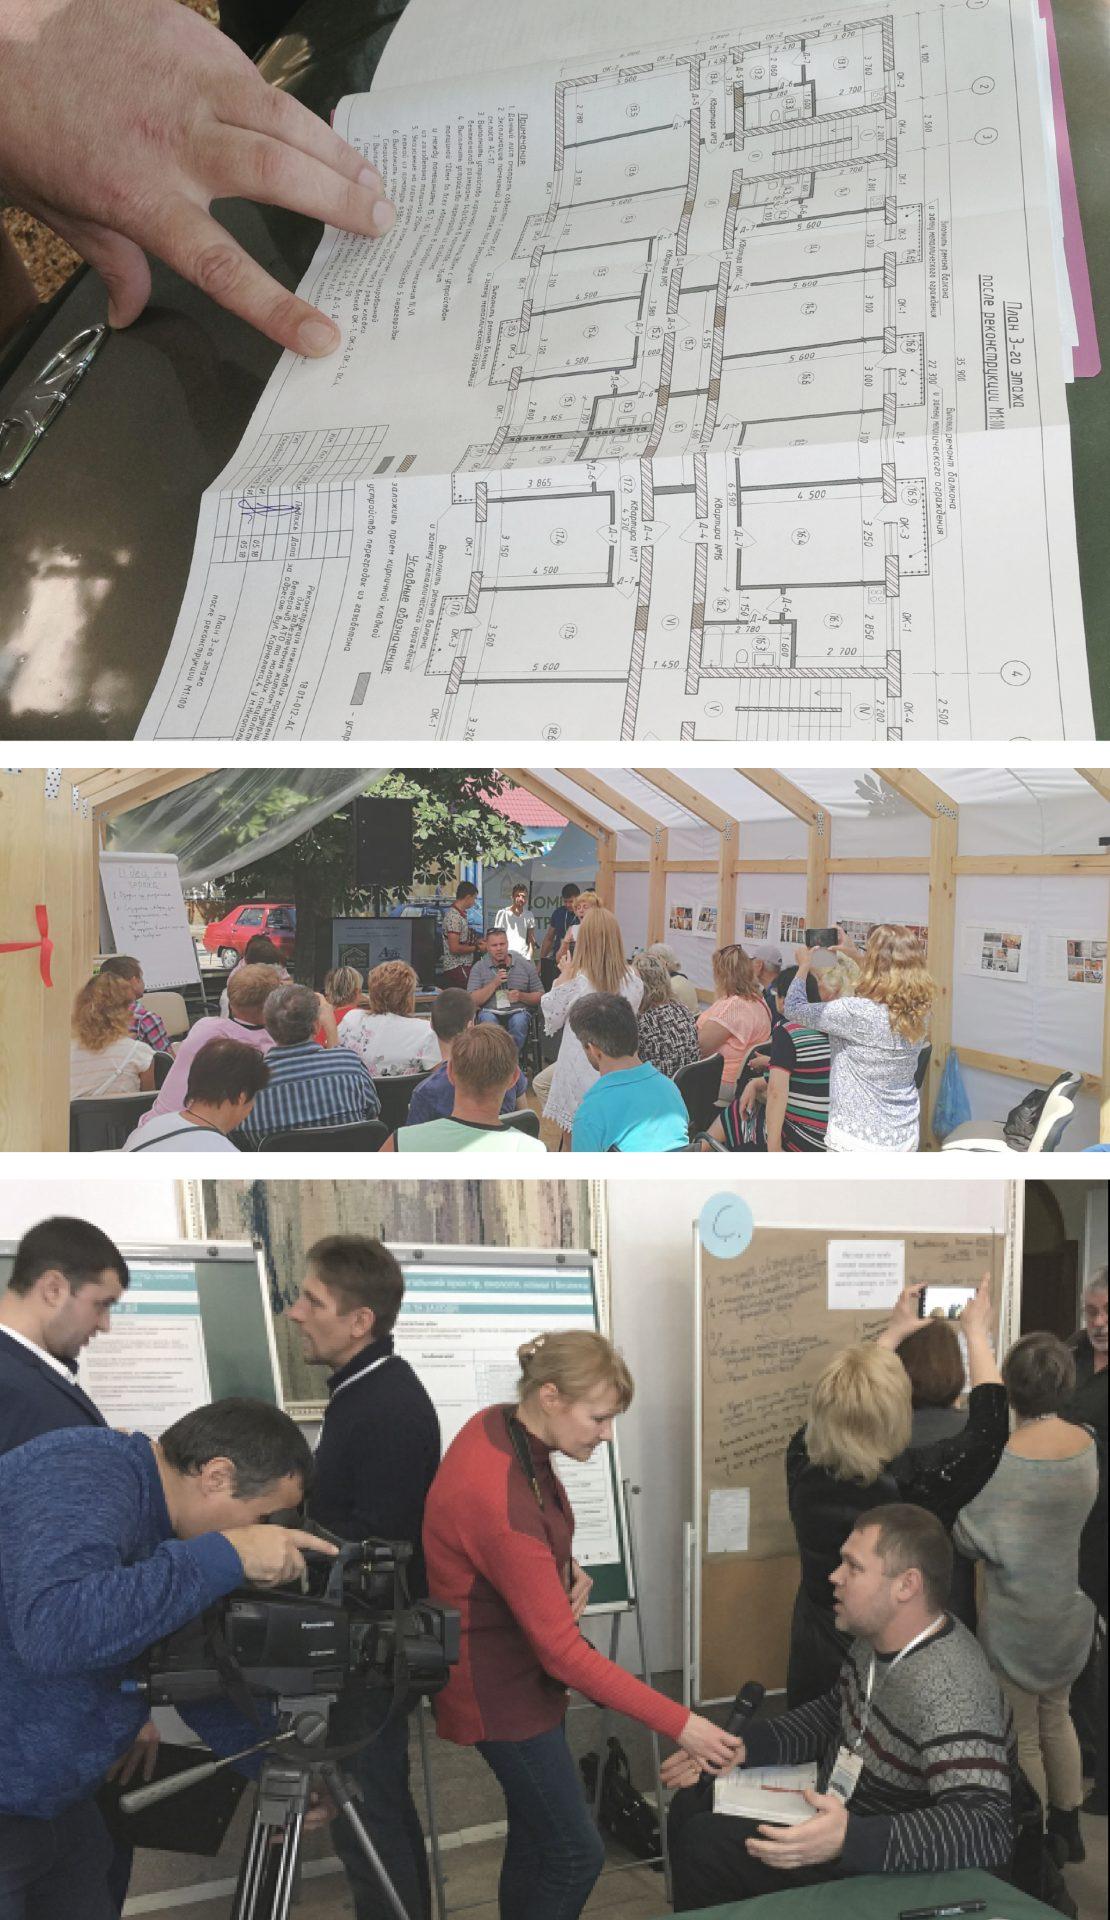 Integriertes Stadtentwicklungskonzept mit Schwerpunkt Wohnen für benachteiligte Personen [Nikopol]